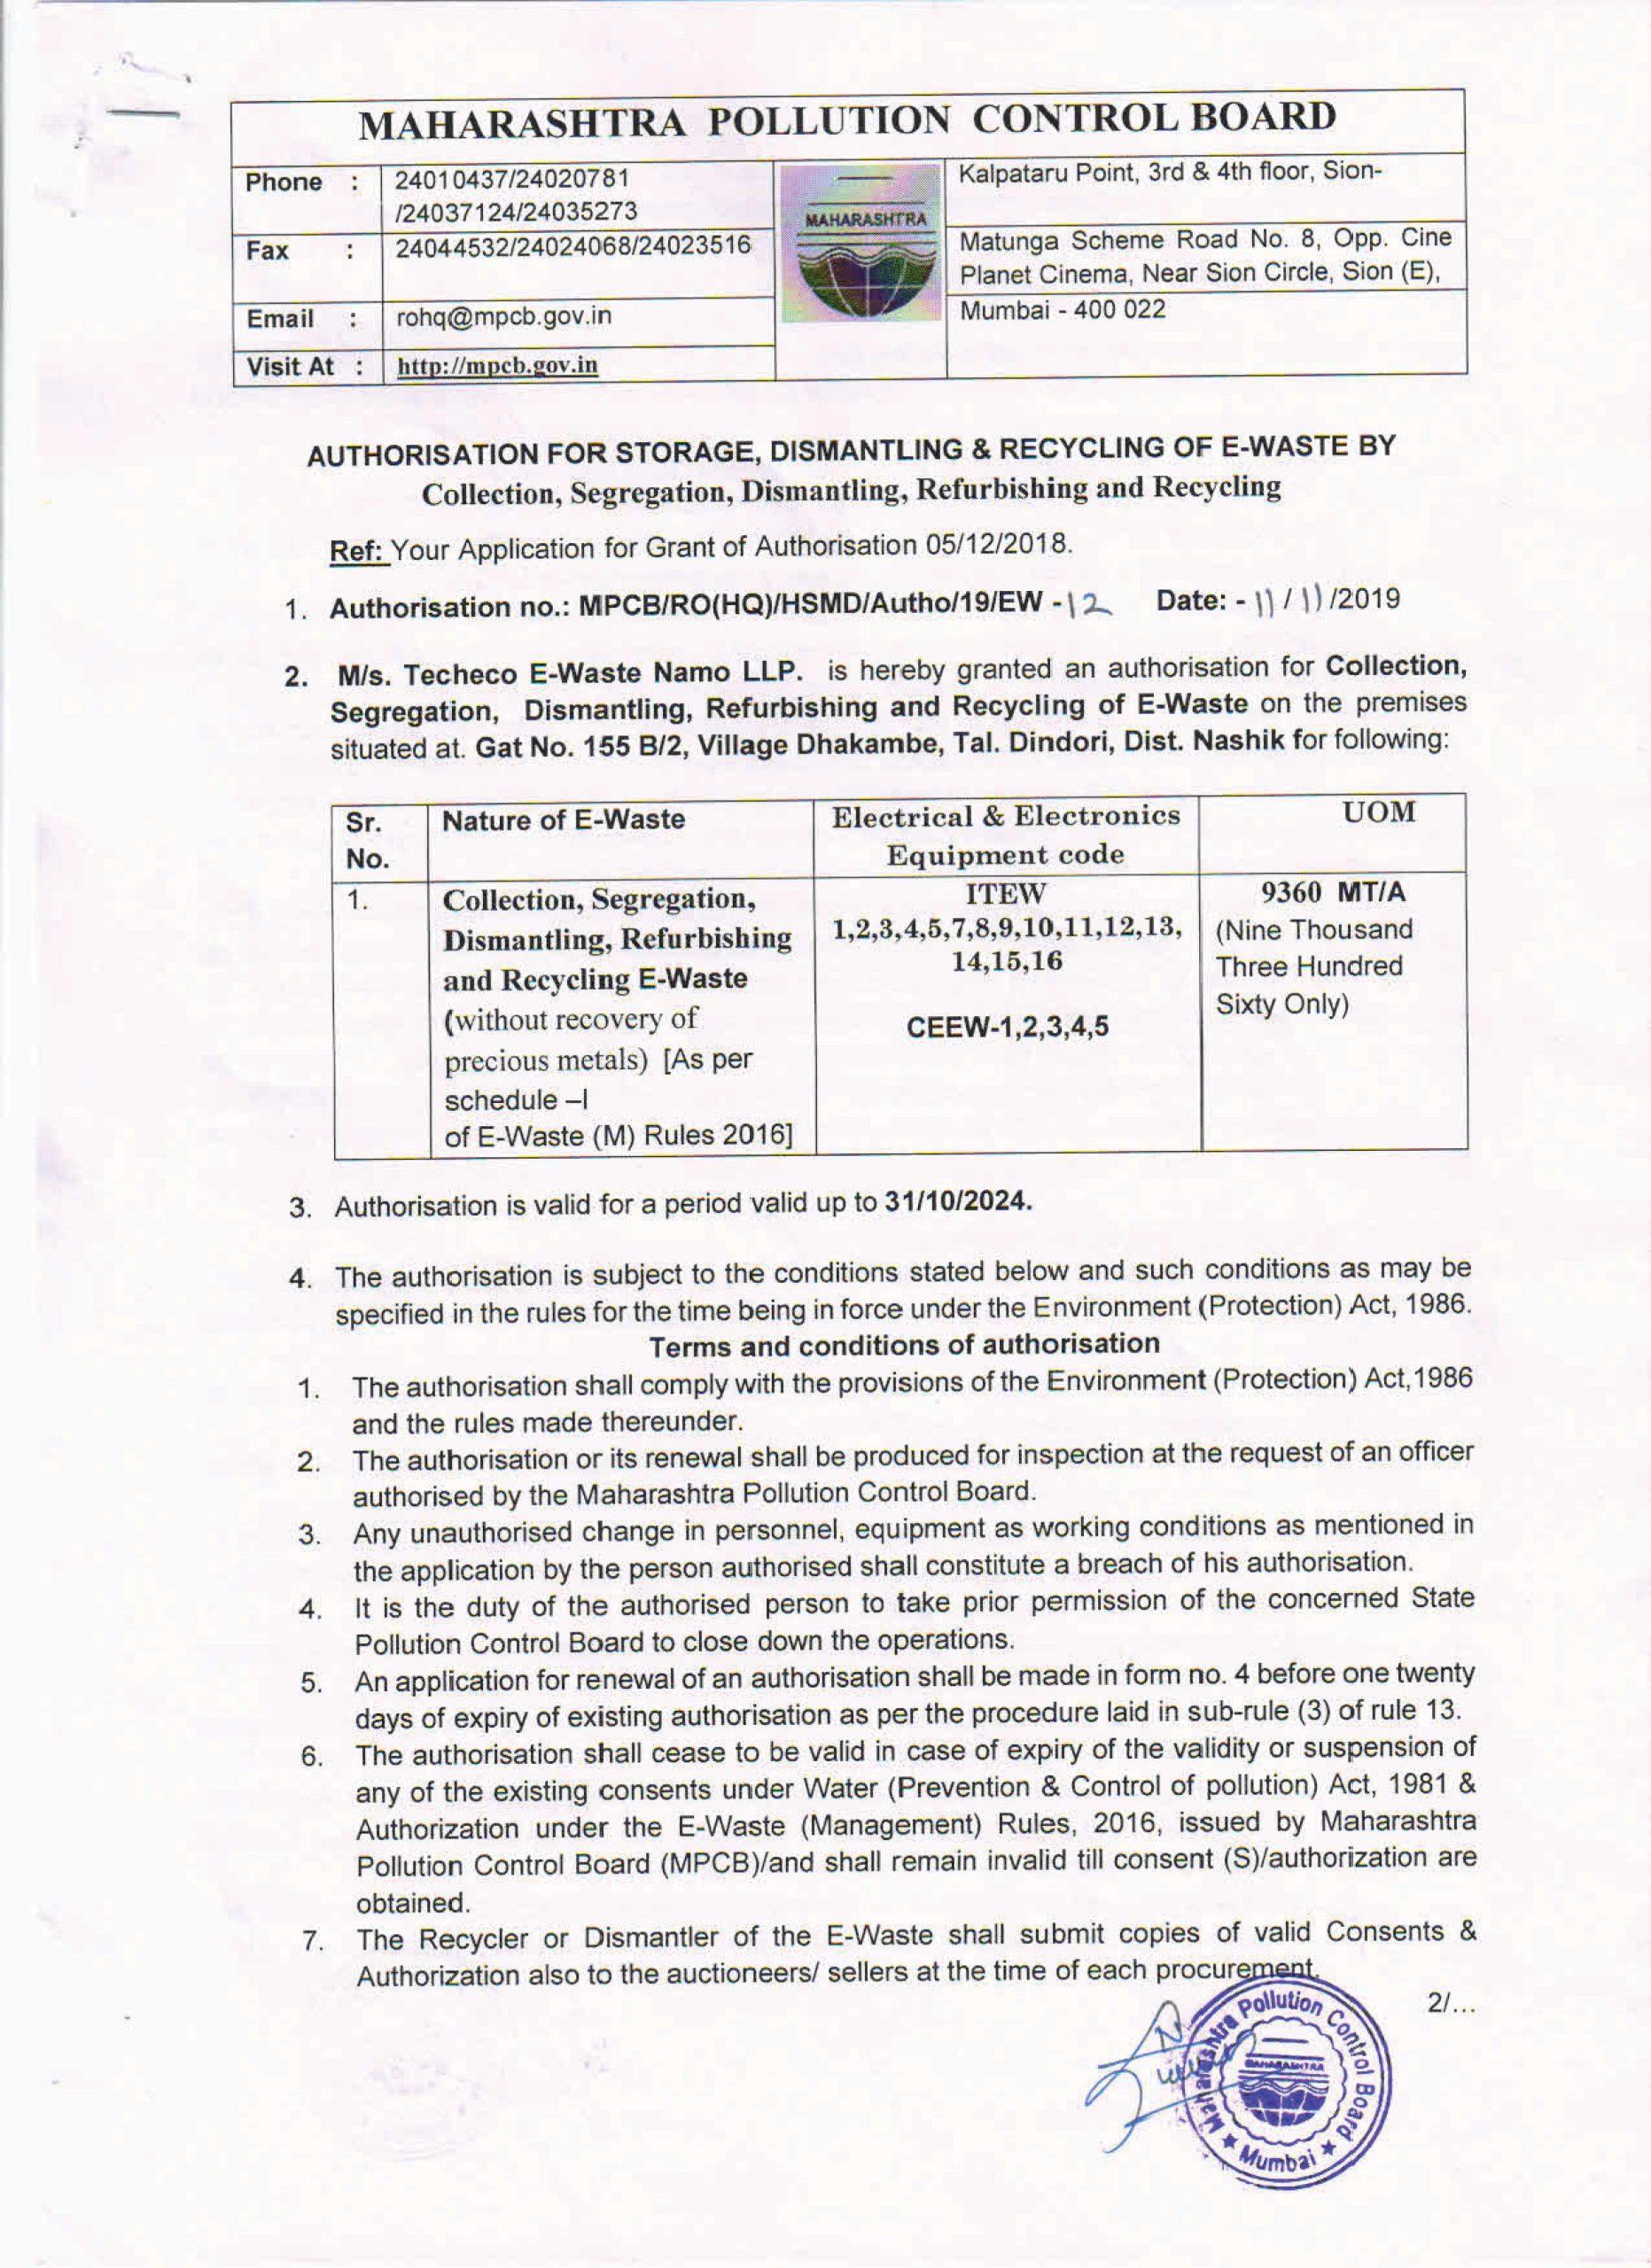 License Of Techeco E Waste Namo LLP Scaled